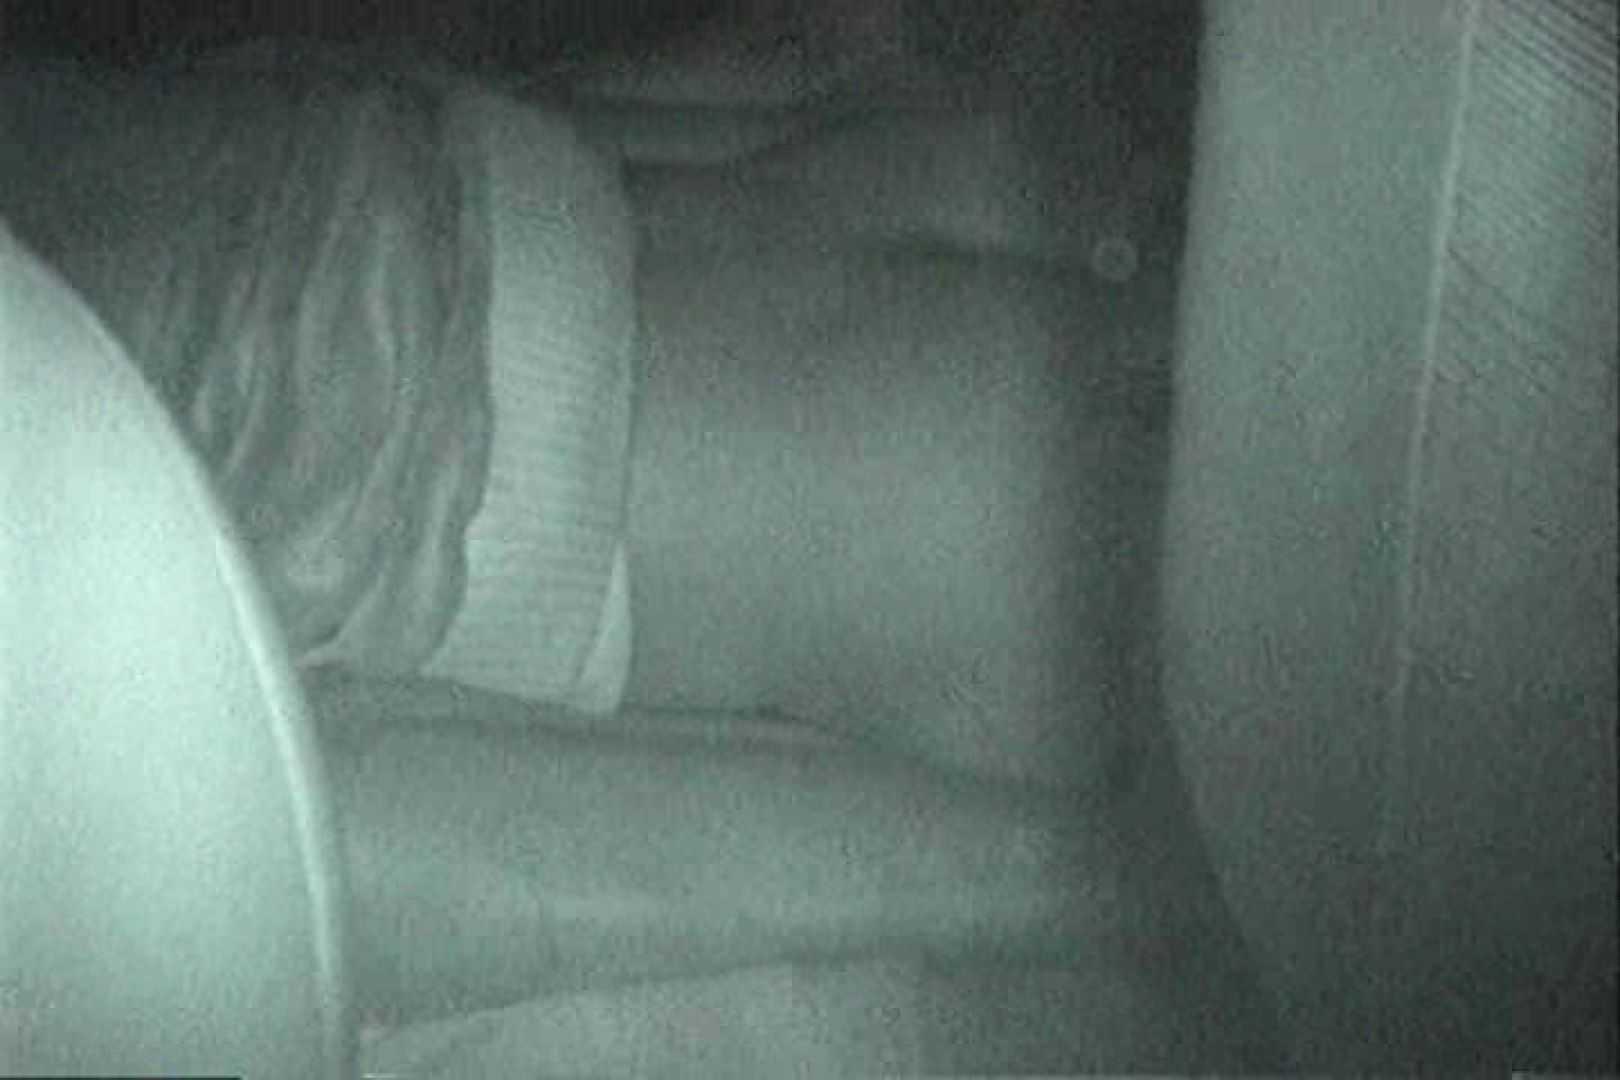 充血監督の深夜の運動会Vol.157 OLセックス   車  109画像 63